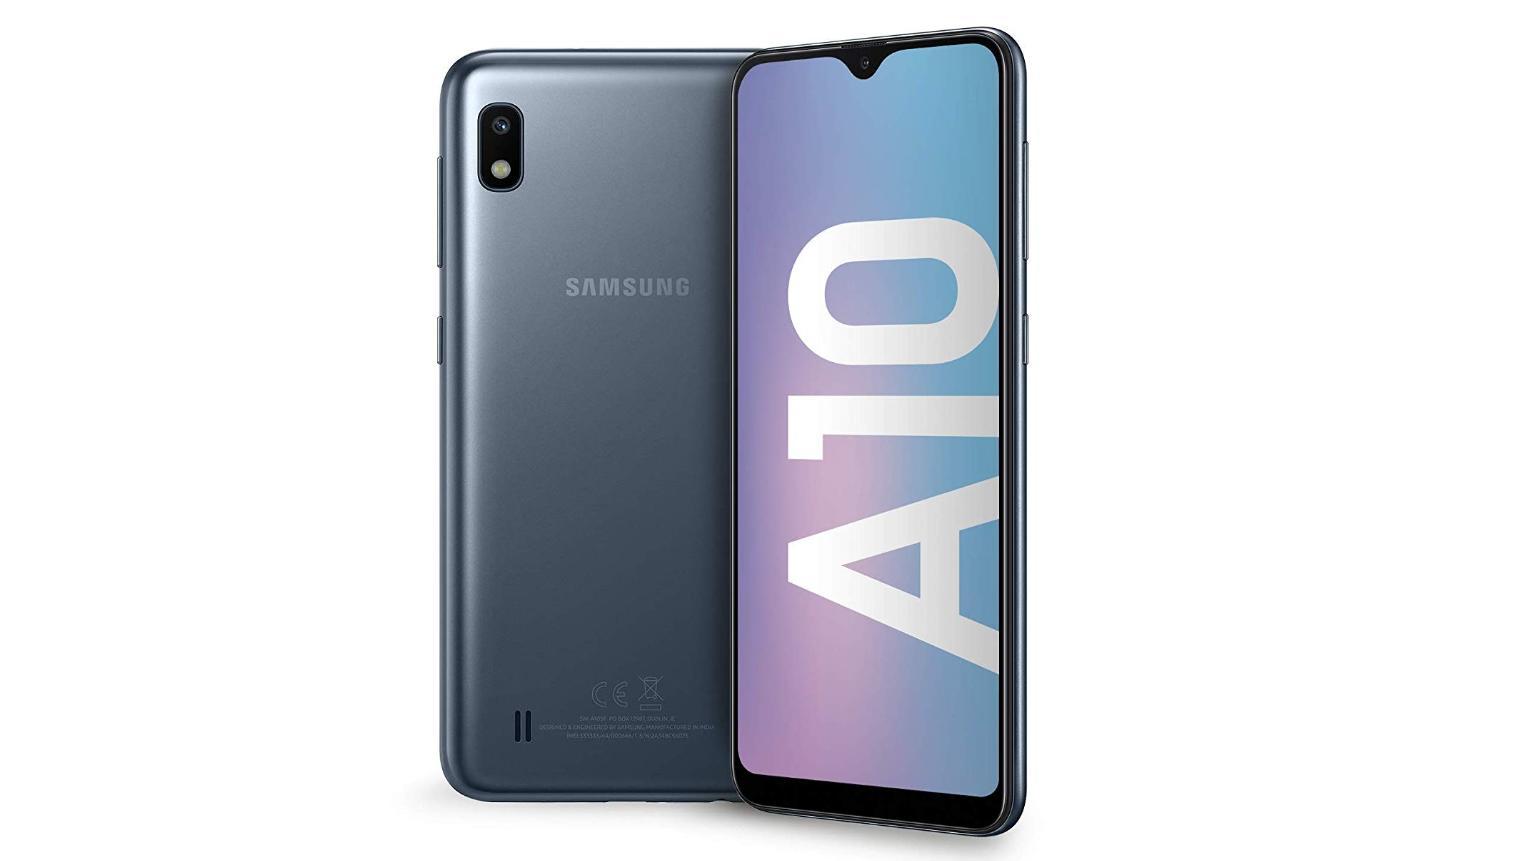 Top-Angebot bei Aldi fürs Samsung Galaxy A10.